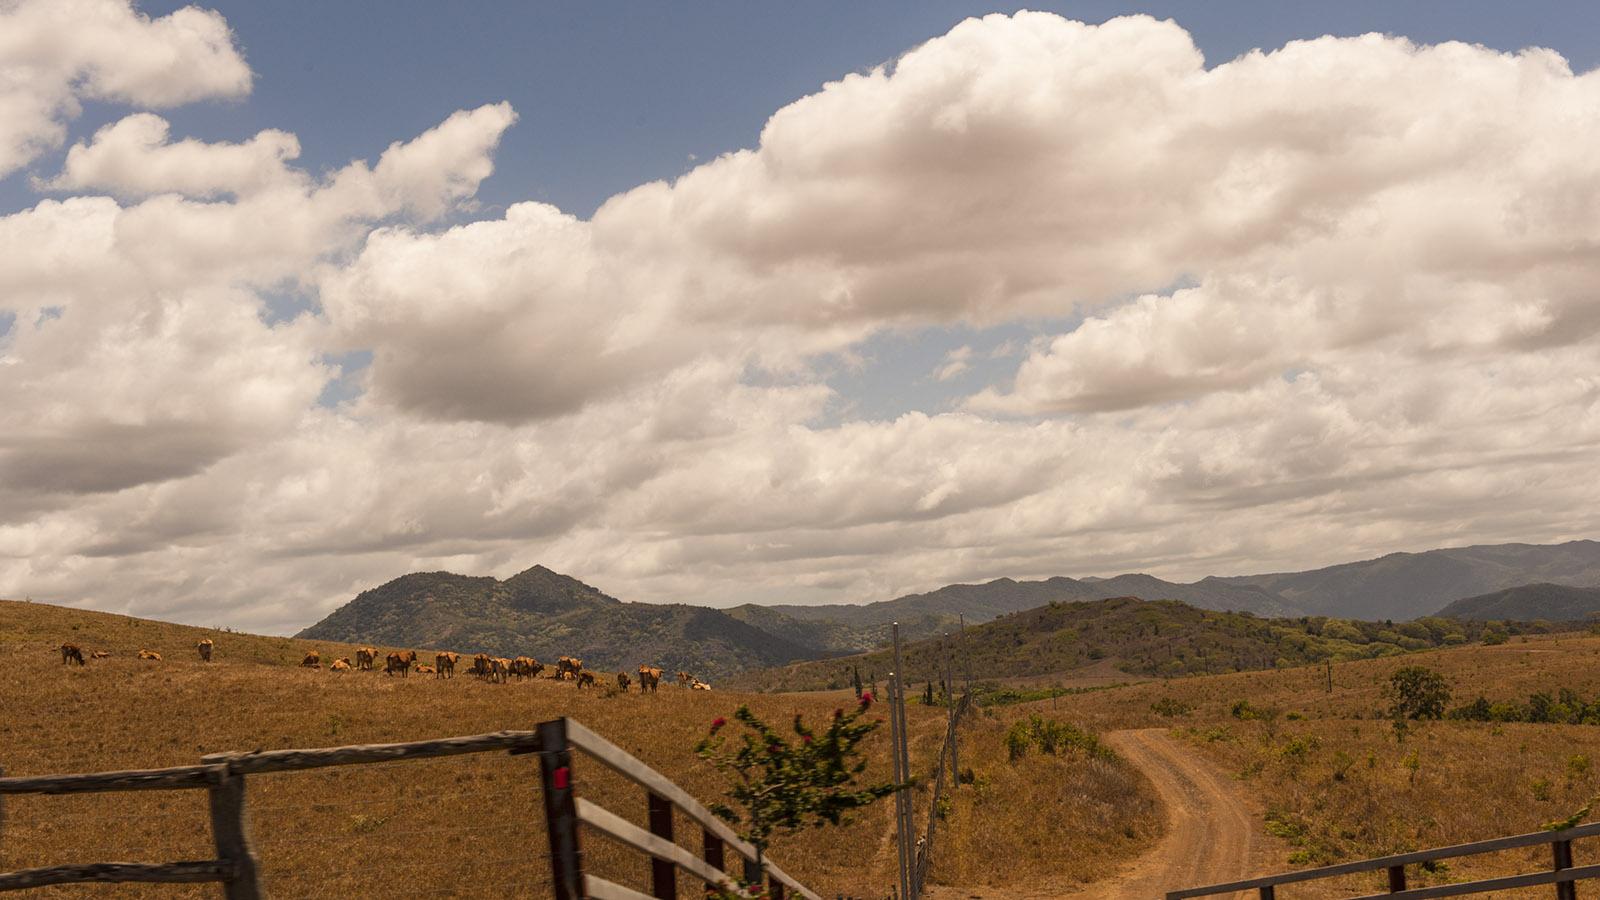 Neukaledonien: Brahmousin-Rinder, gekreuzt aus Brahman- und Limousin-Rindern, weiden im Westen von Grande Terre. Foto: Hilke Maunder